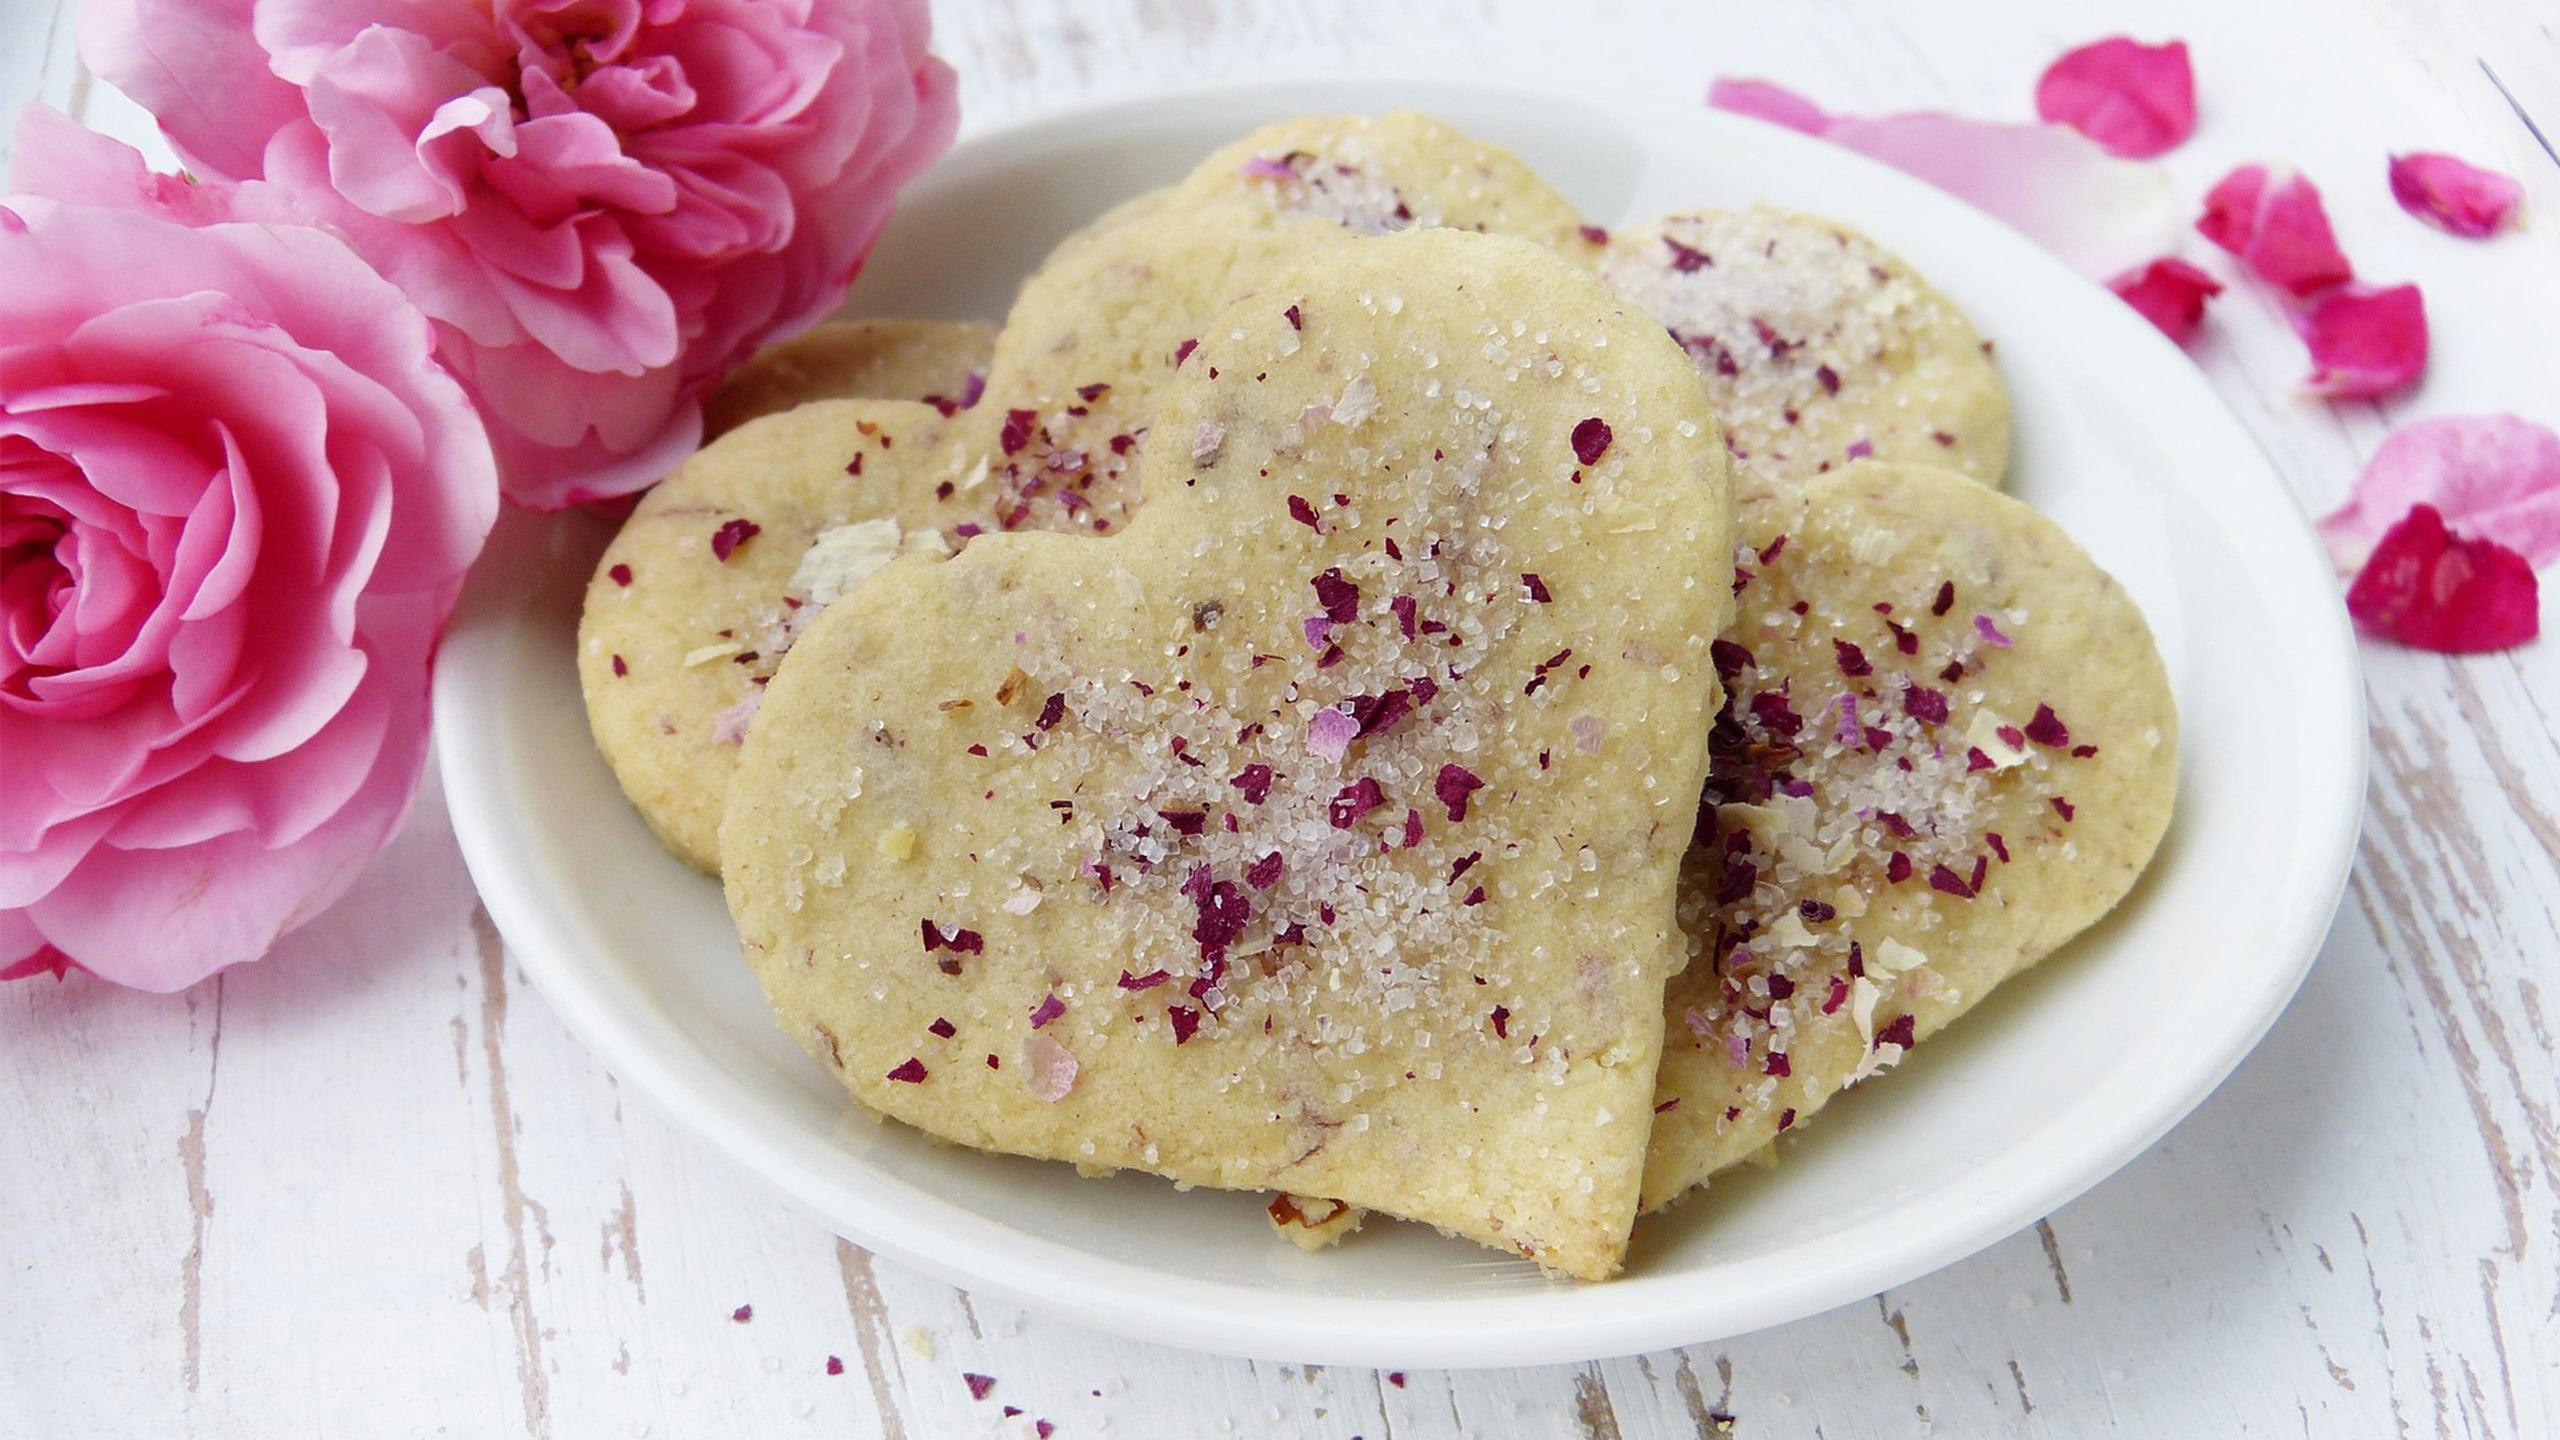 herzkekse zum valentinstag mit zucker und rosenblättern bestreut